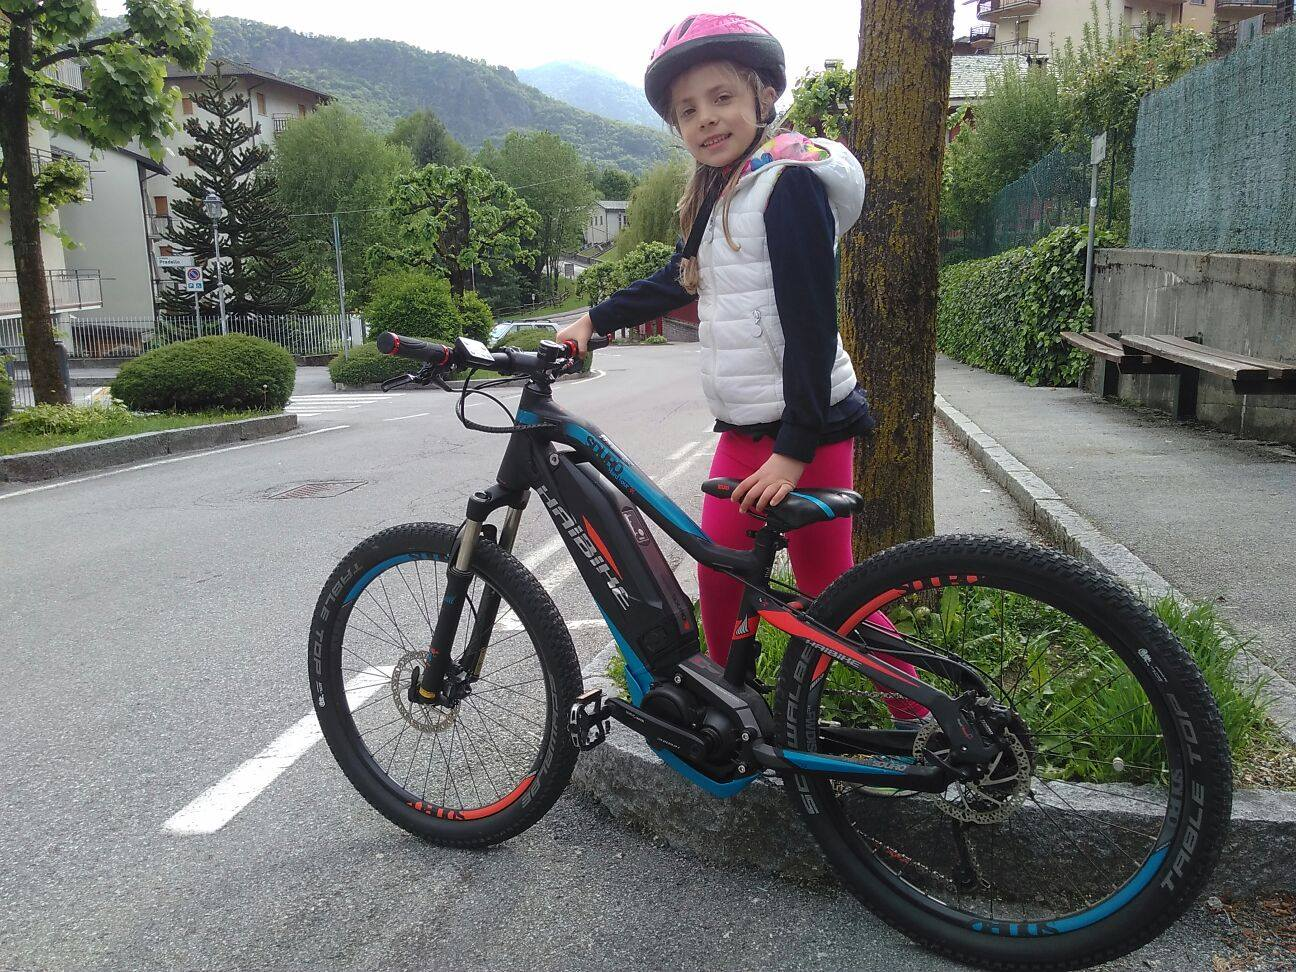 Noleggio sci e e-bike Valsecchi Piani di Bobbio